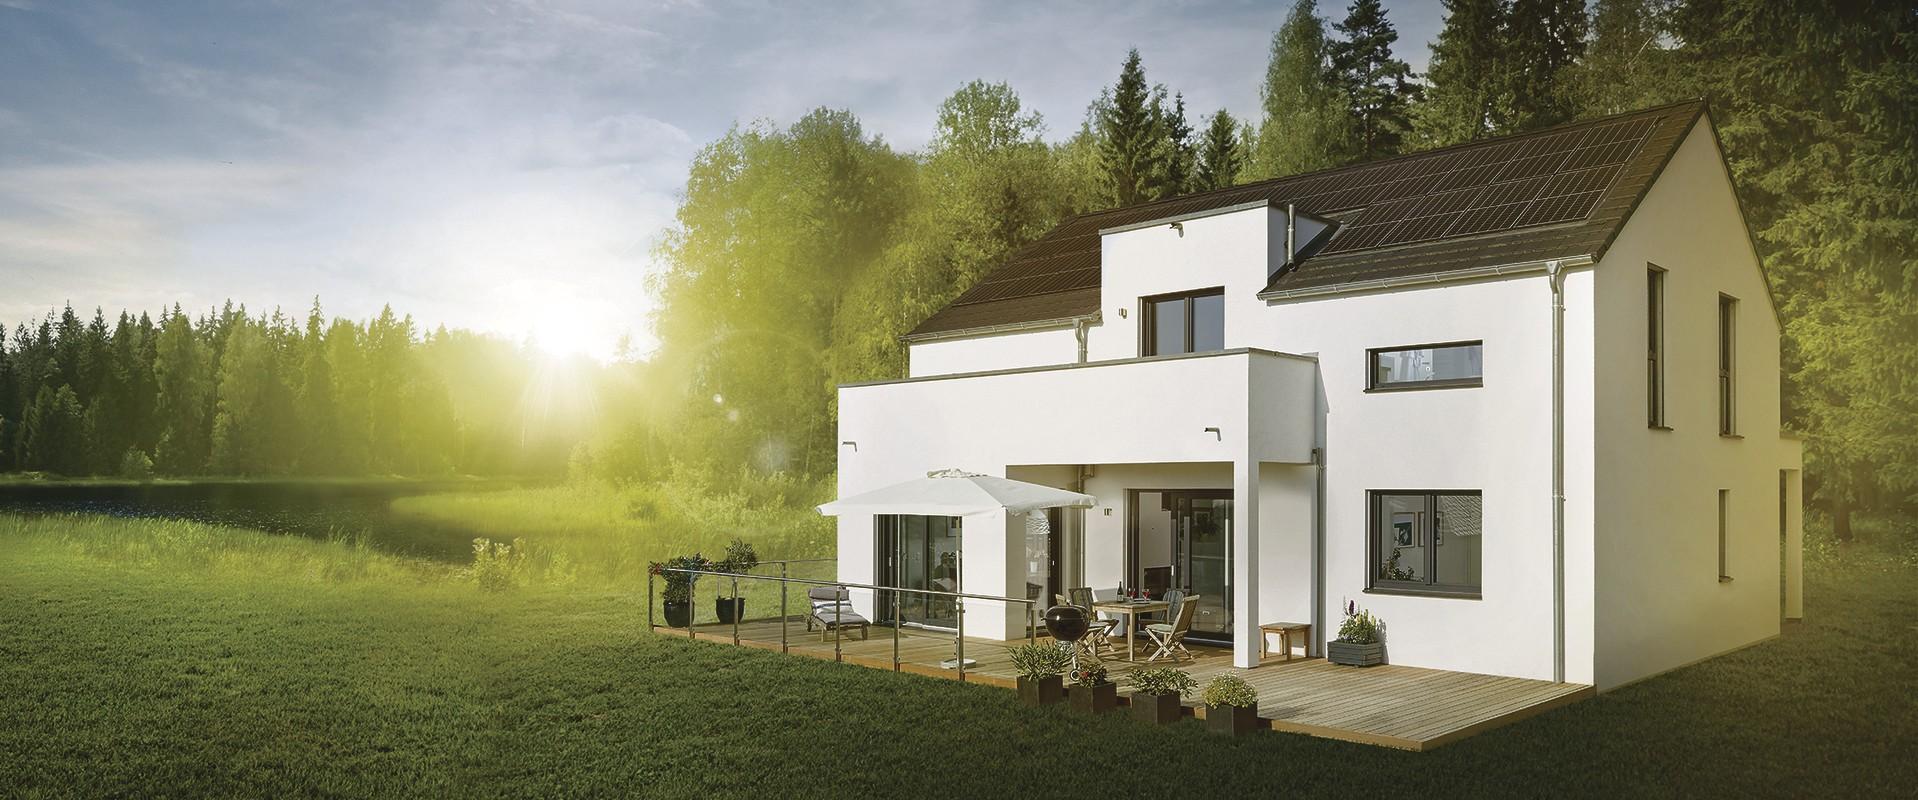 WeberHaus Zukunftshaus